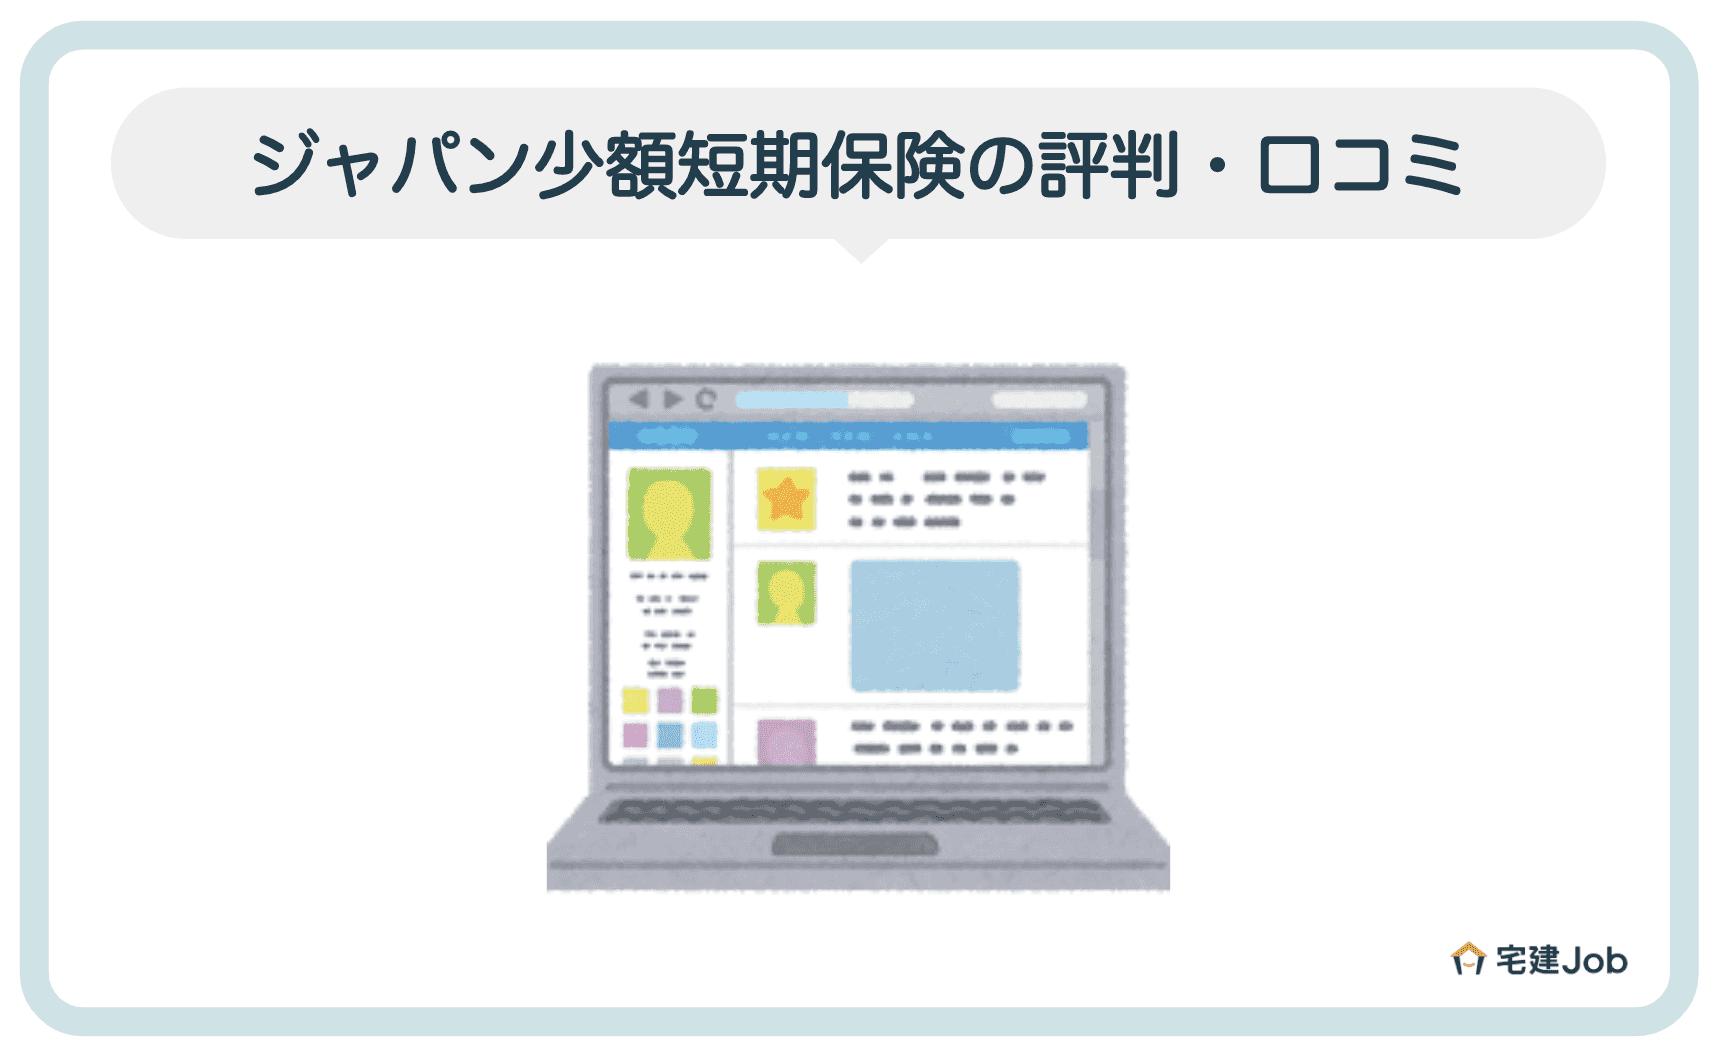 3.ジャパン少額短期保険の良い口コミ・評判